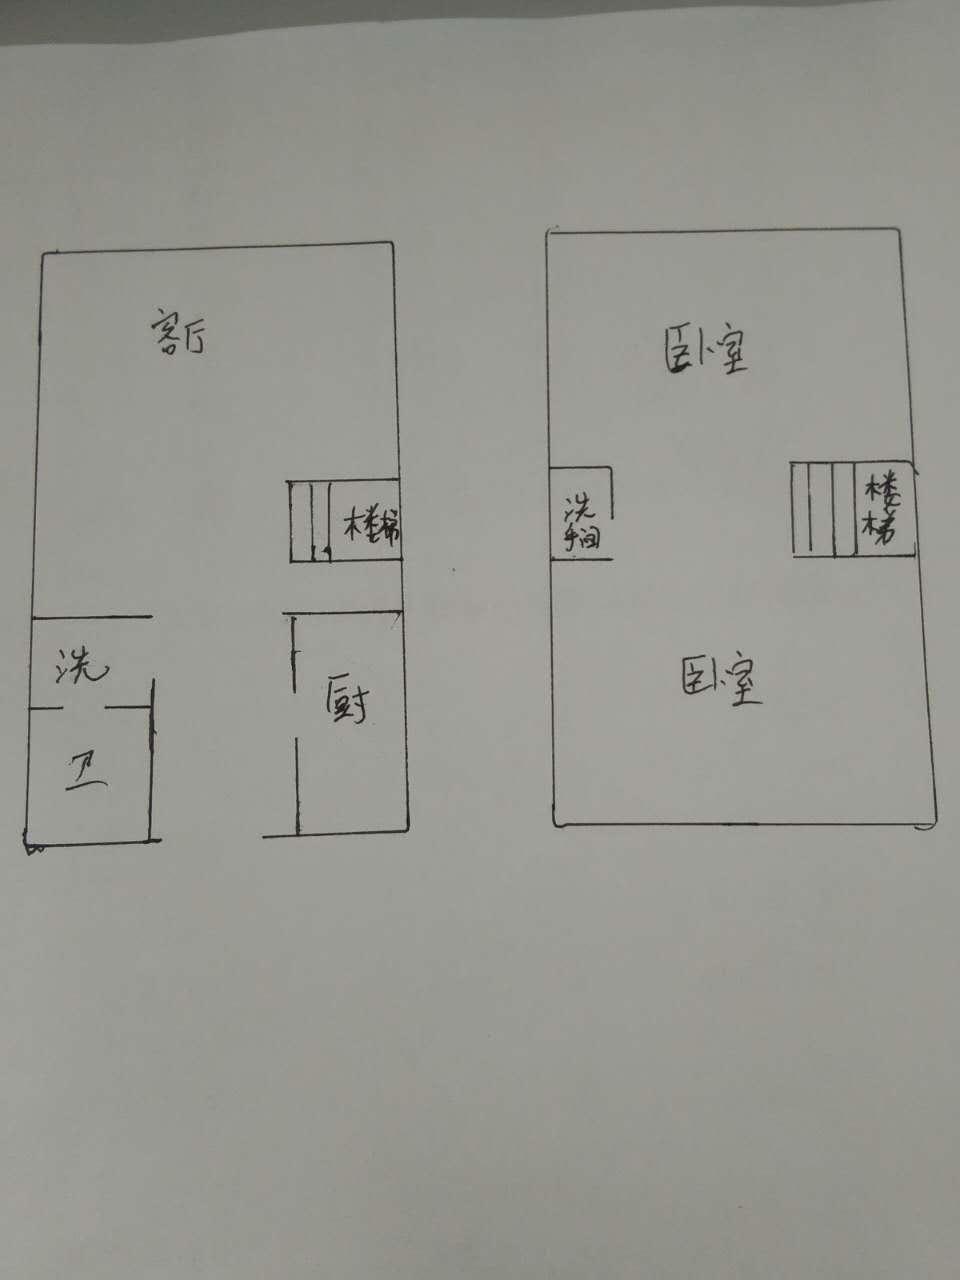 未来城 2室2厅 11楼